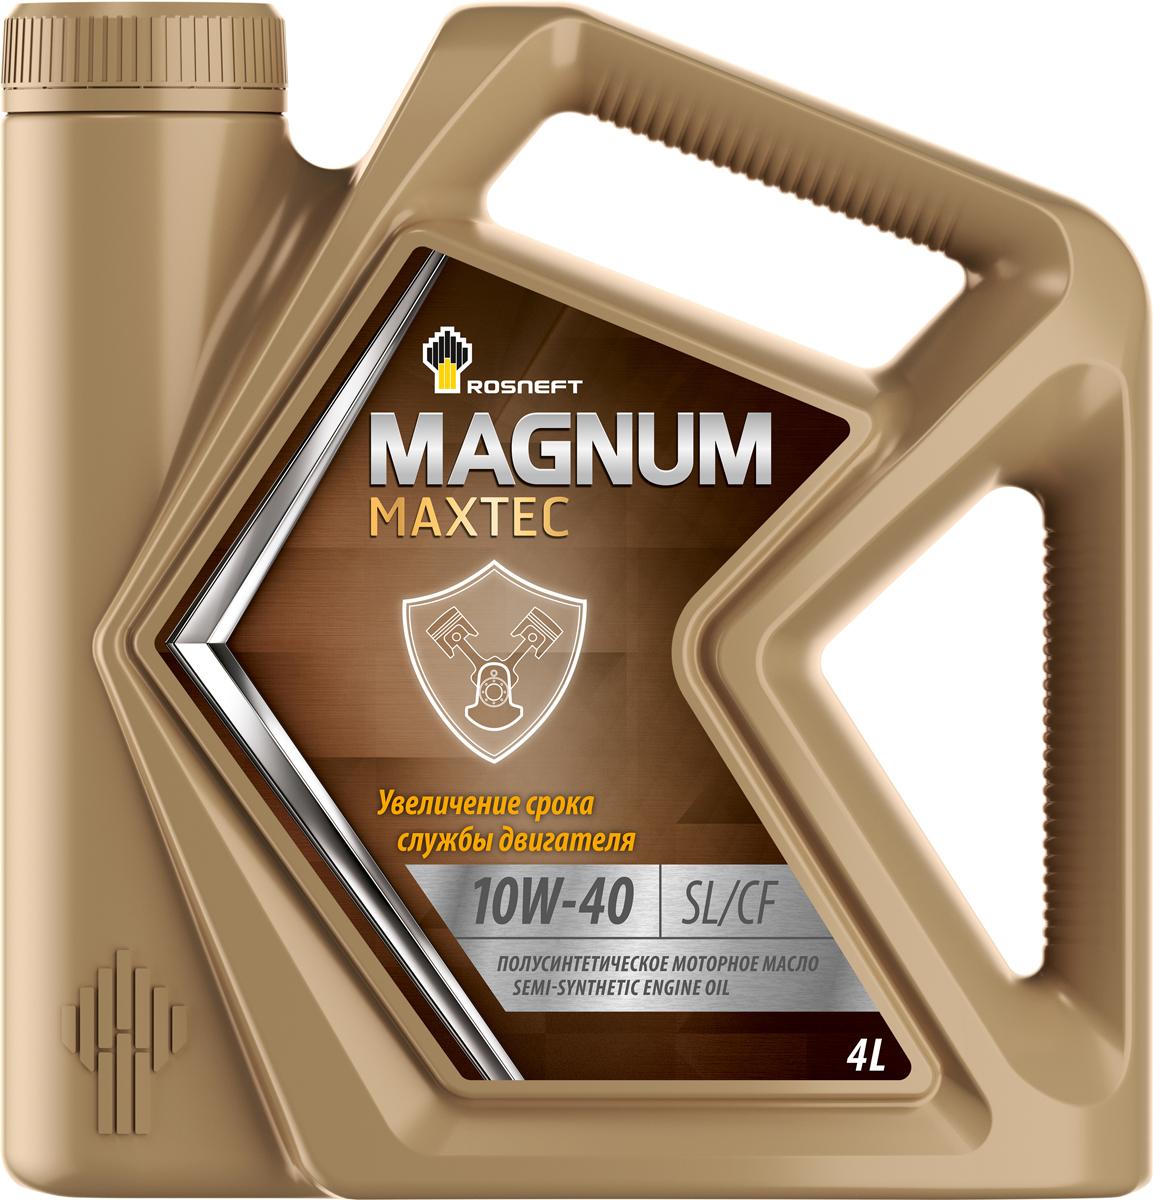 Масло моторное Роснефть Magnum Maxtec, полусинтетическое, 10W-40, 4 л моторное масло роснефть 4 л 40814942